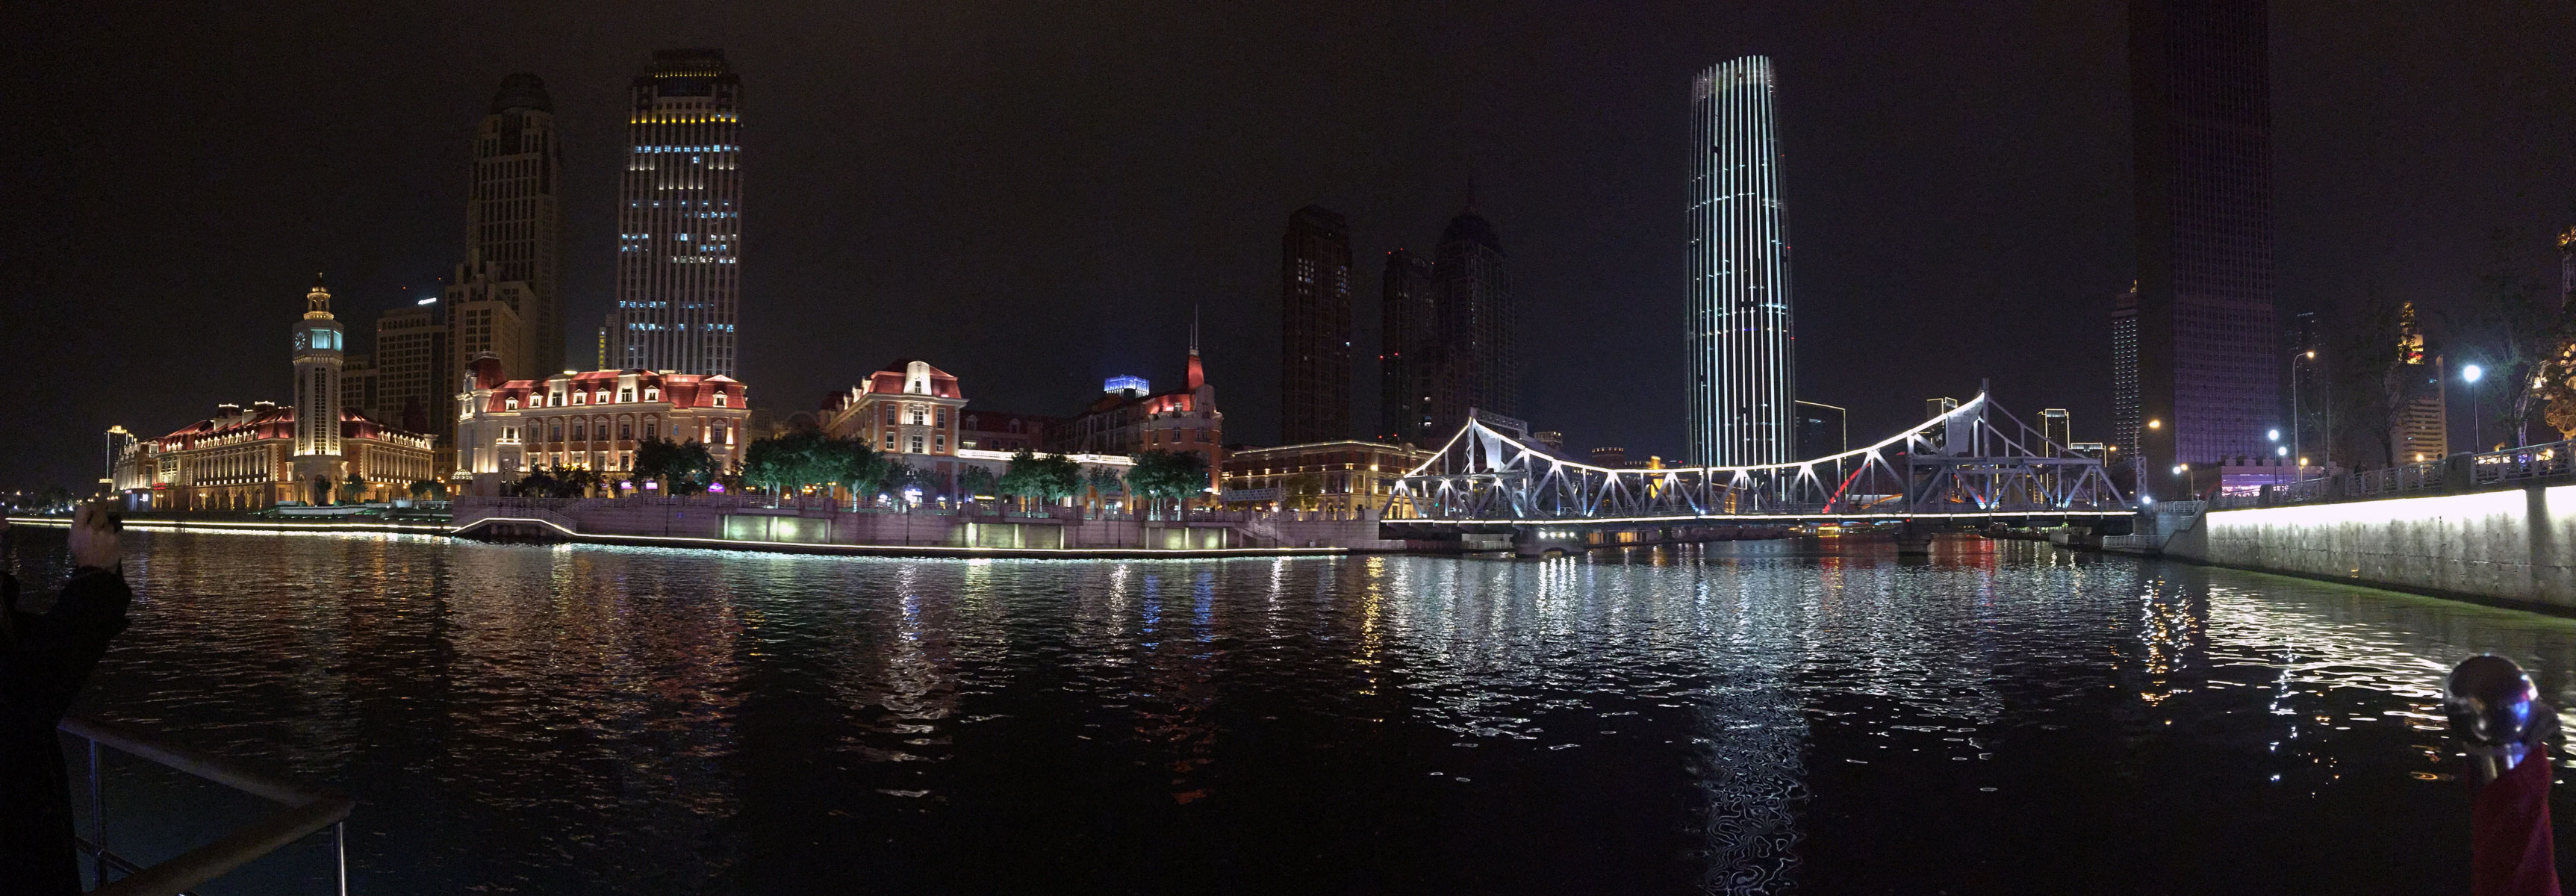 Tianjinbynight